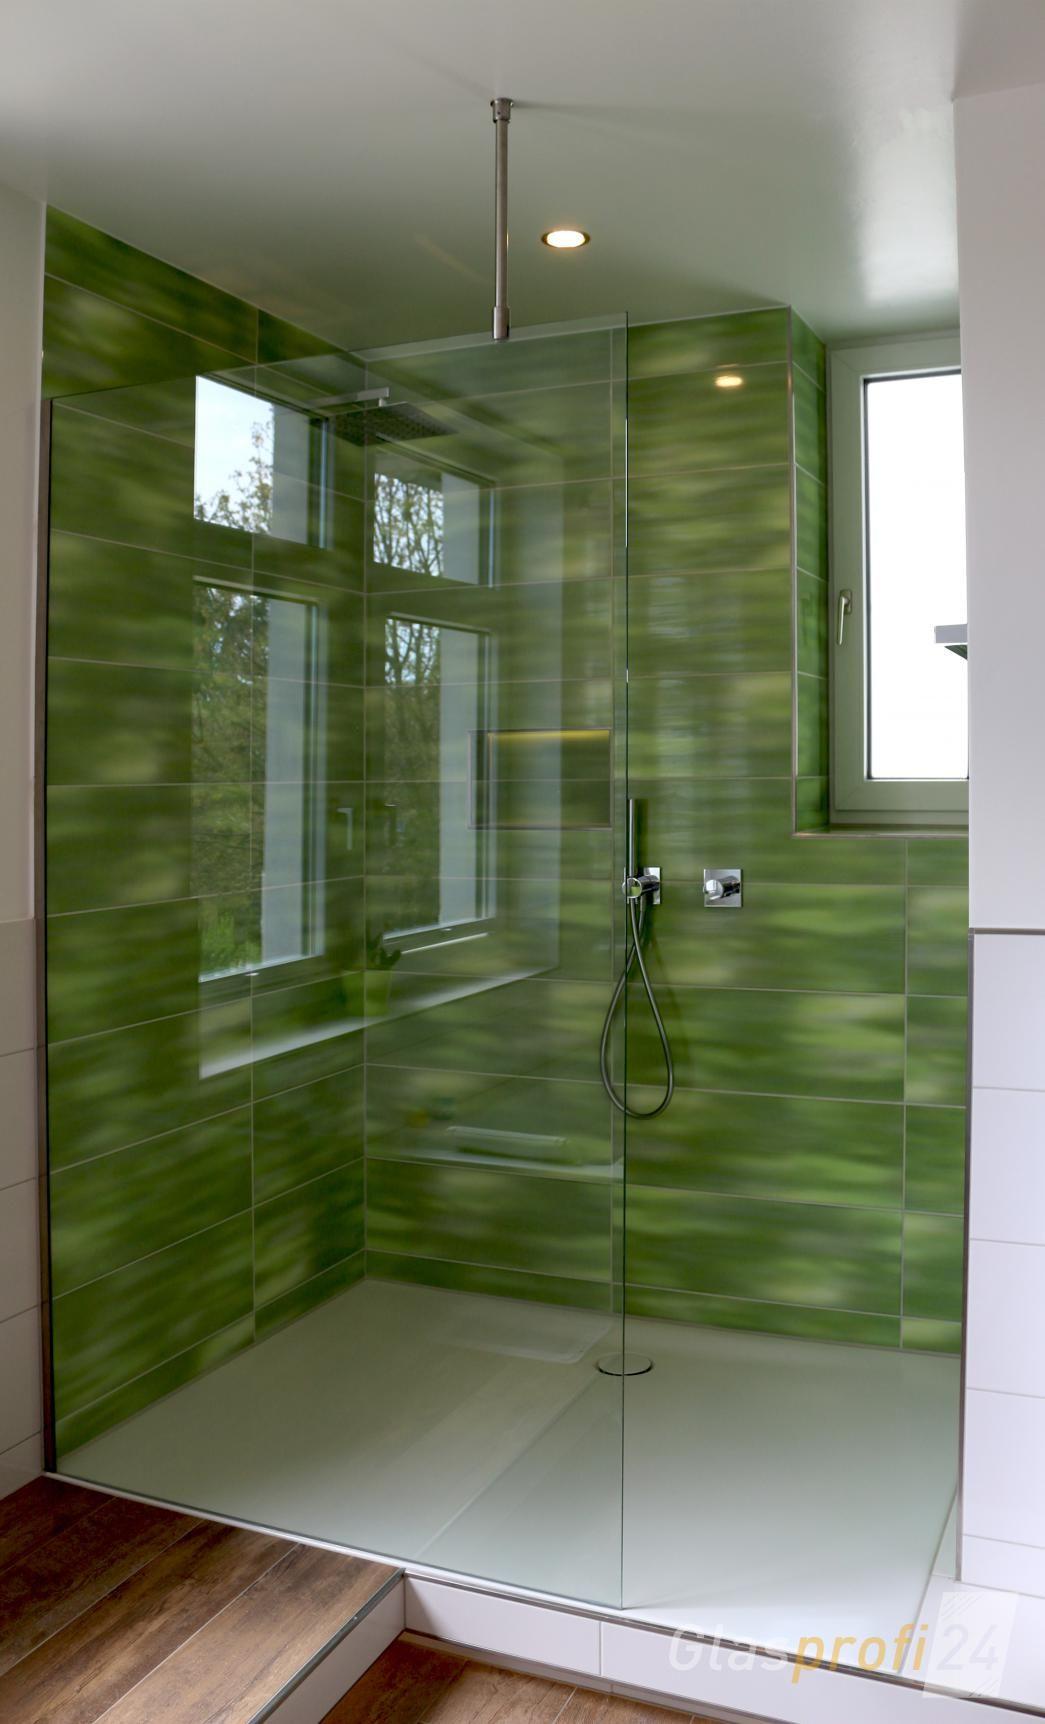 ... Preise Badezimmer Renovierung